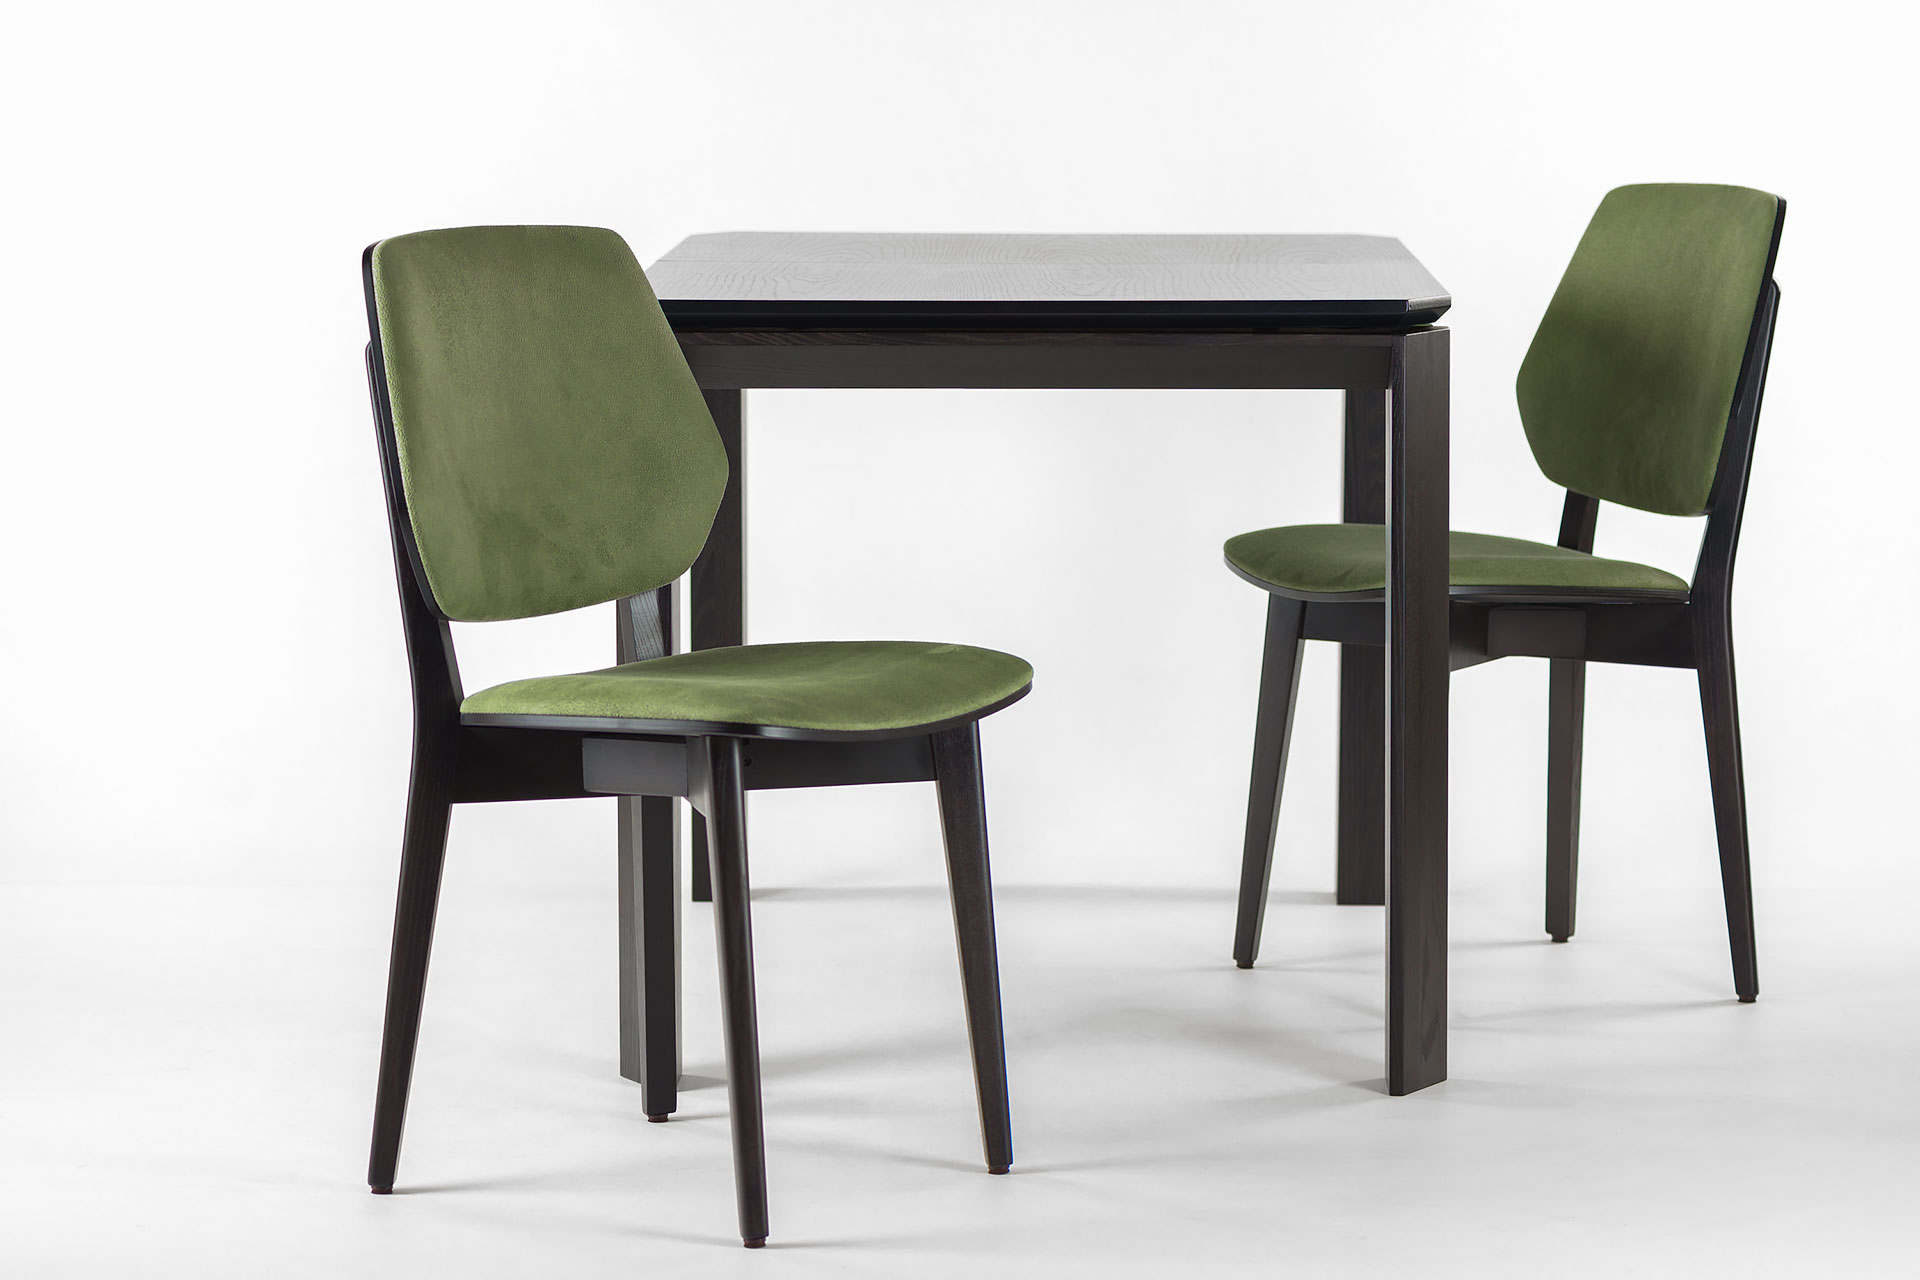 """Раскладной кухонный стол """"Варгас"""" черно-зеленый, шпонированная столешница, твердое дерево, цвет изделия SE7059 / Каркас RAL 6011 (торец стола)"""